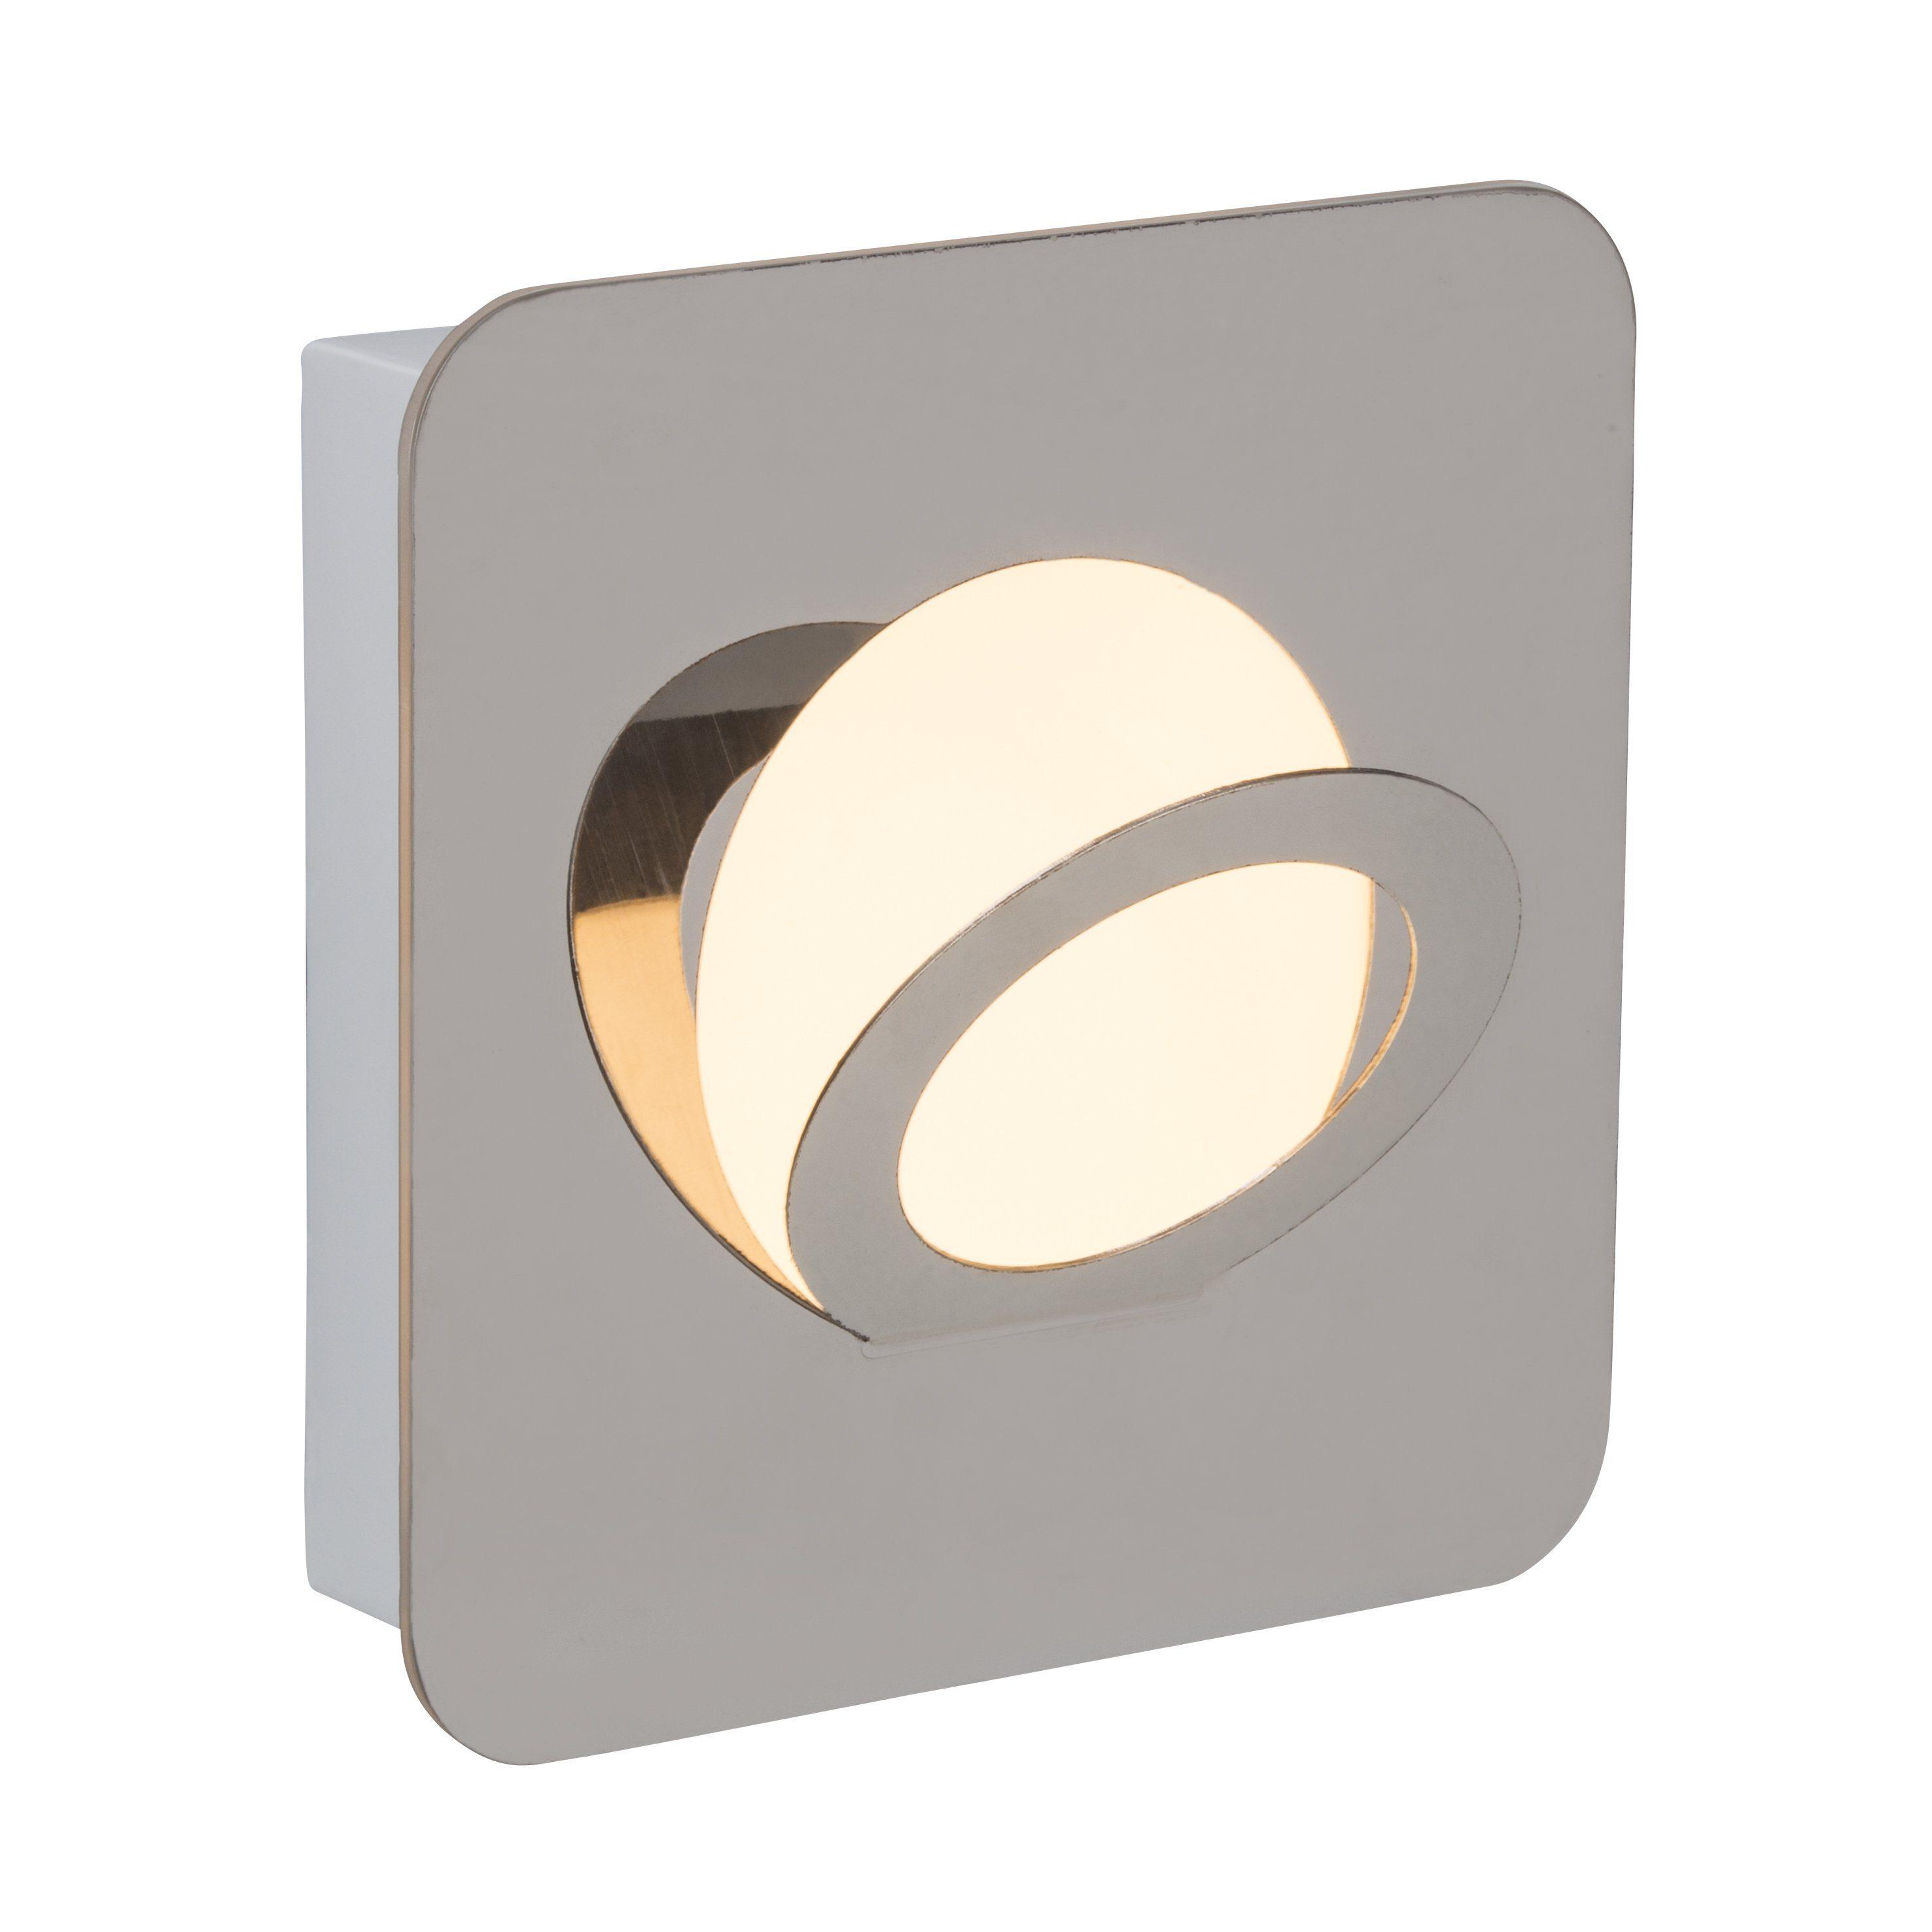 Brilliant Leuchten Doors Round LED Wand- und Deckenleuchte chrom